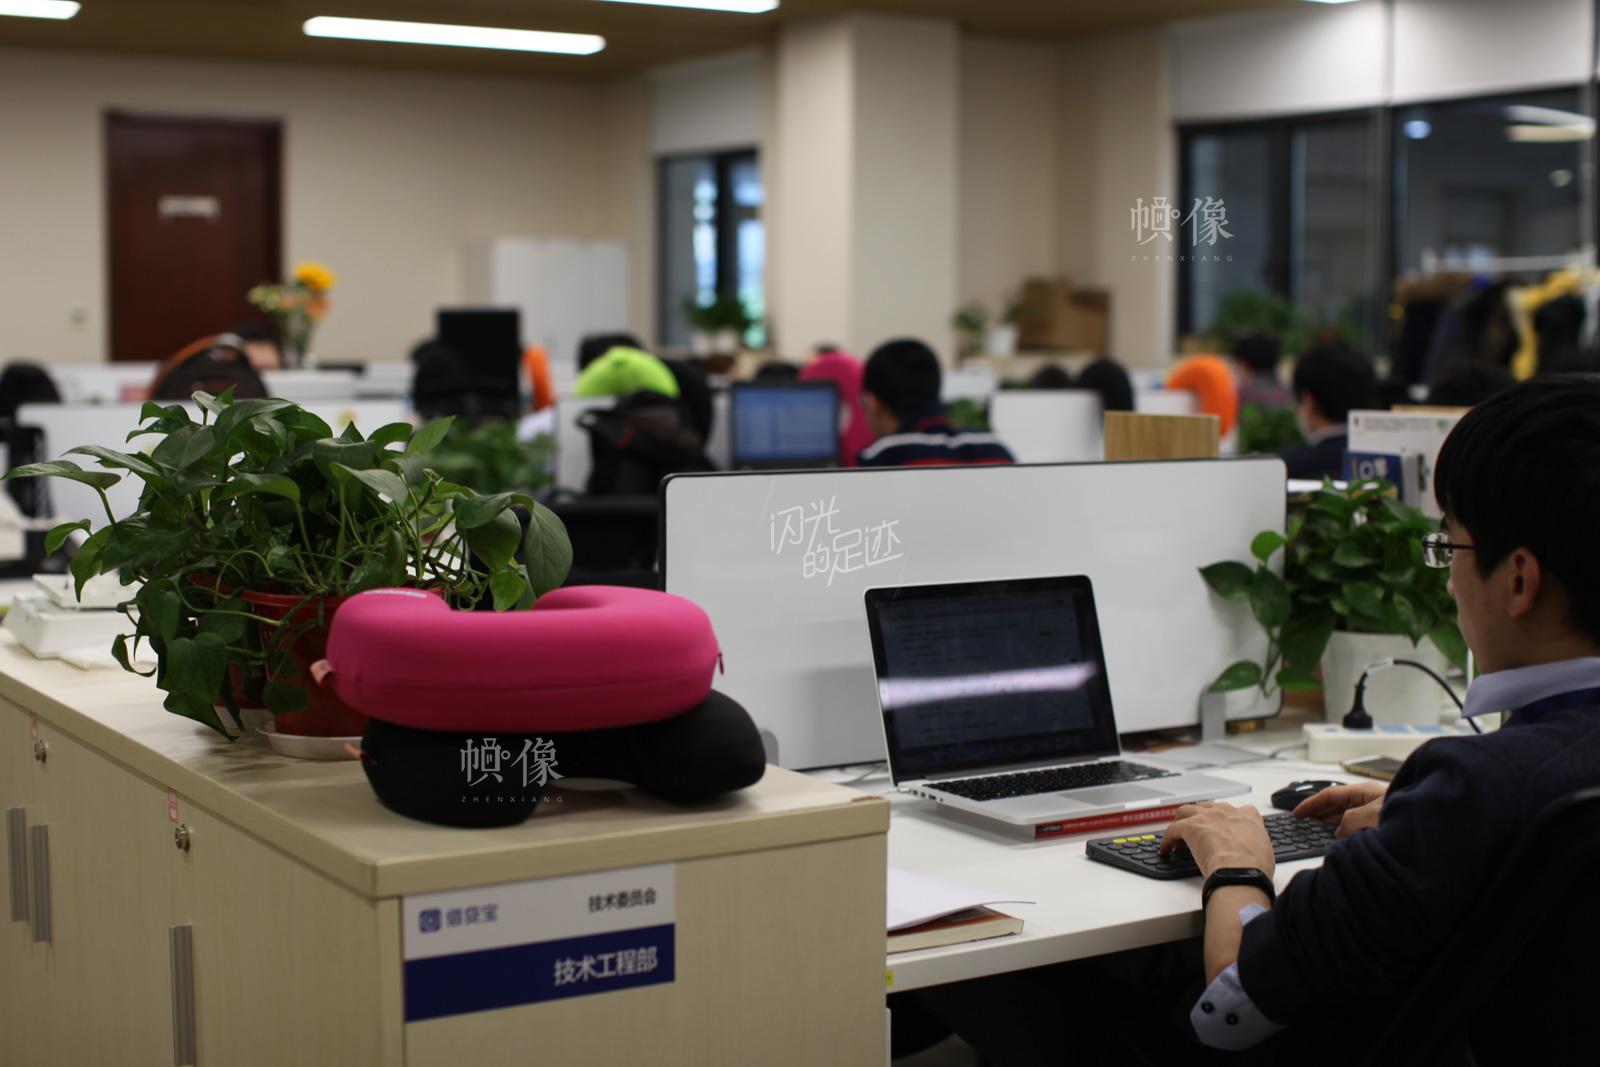 技术工程部每天承担着公司技术核心的工作。图为公司技术工程部员工日常上班。中国网记者-赵超-摄